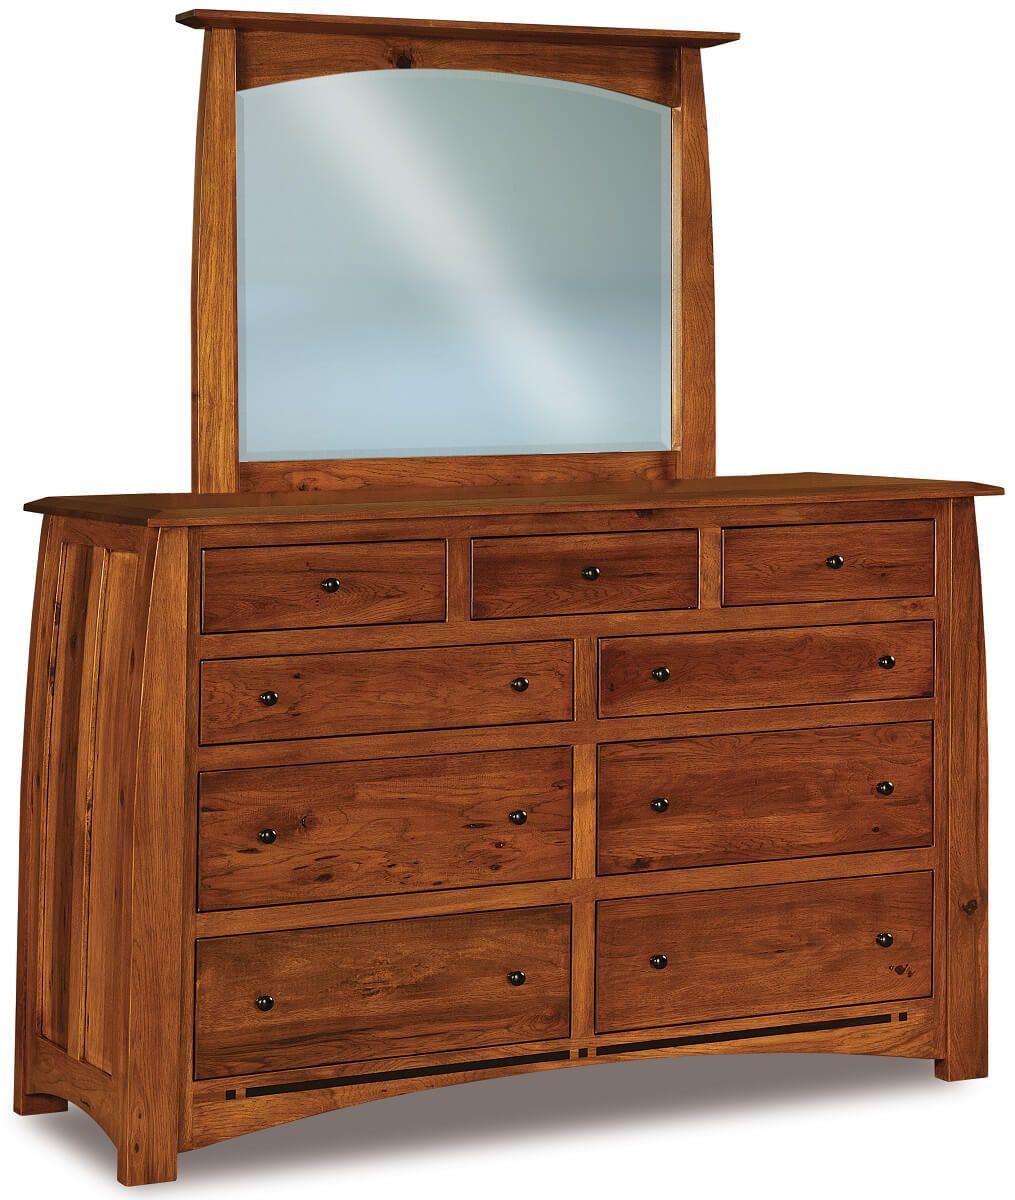 Castle Rock Deluxe Mirror Dresser